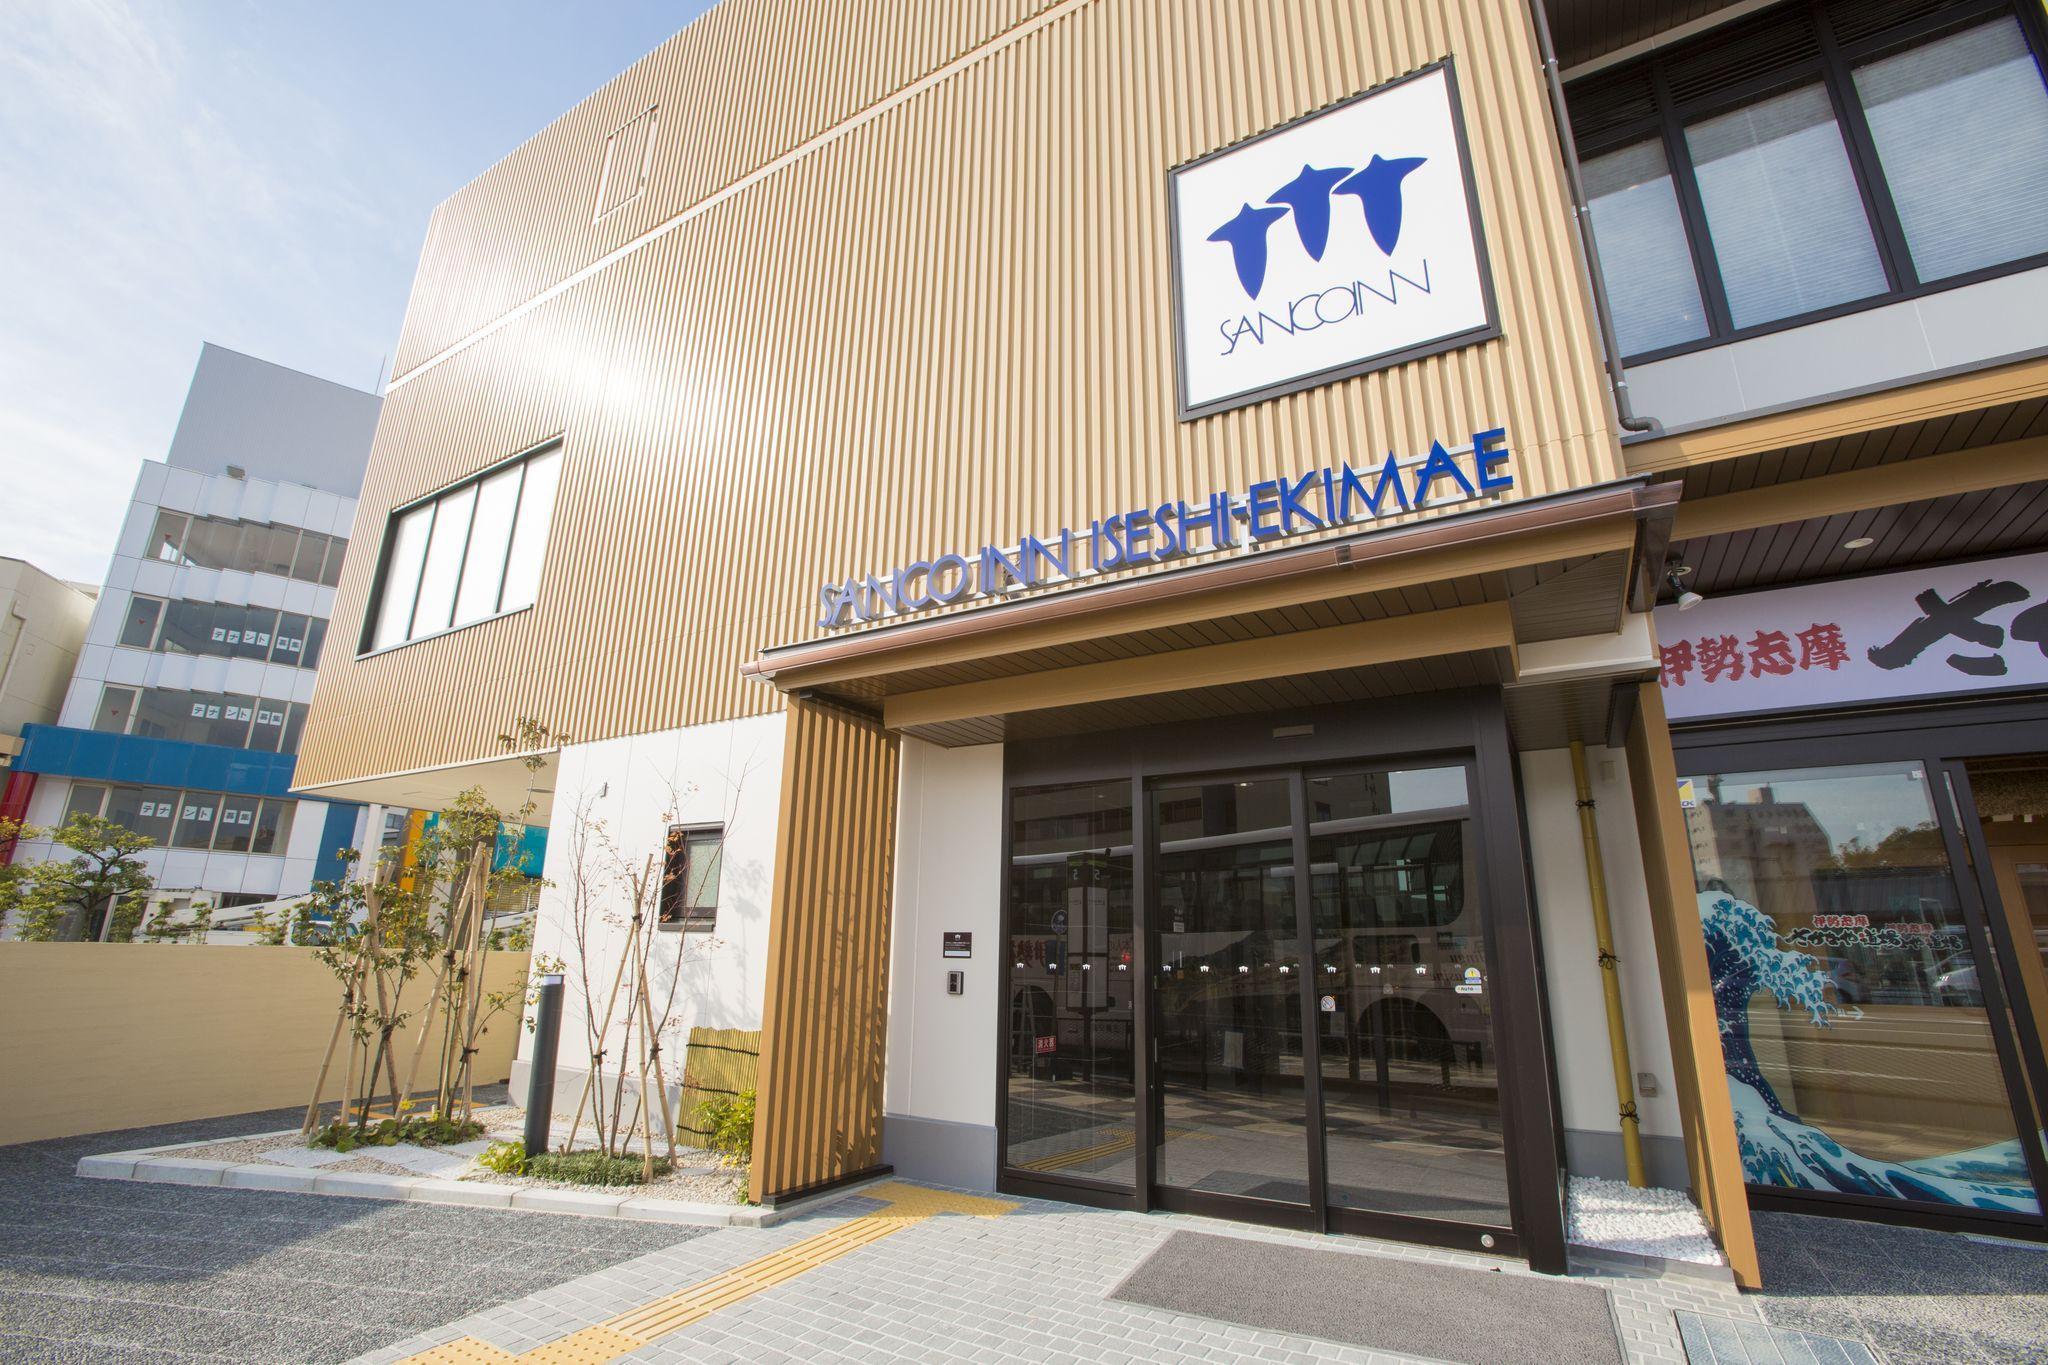 Sanco Inn Iseshi Ekimae